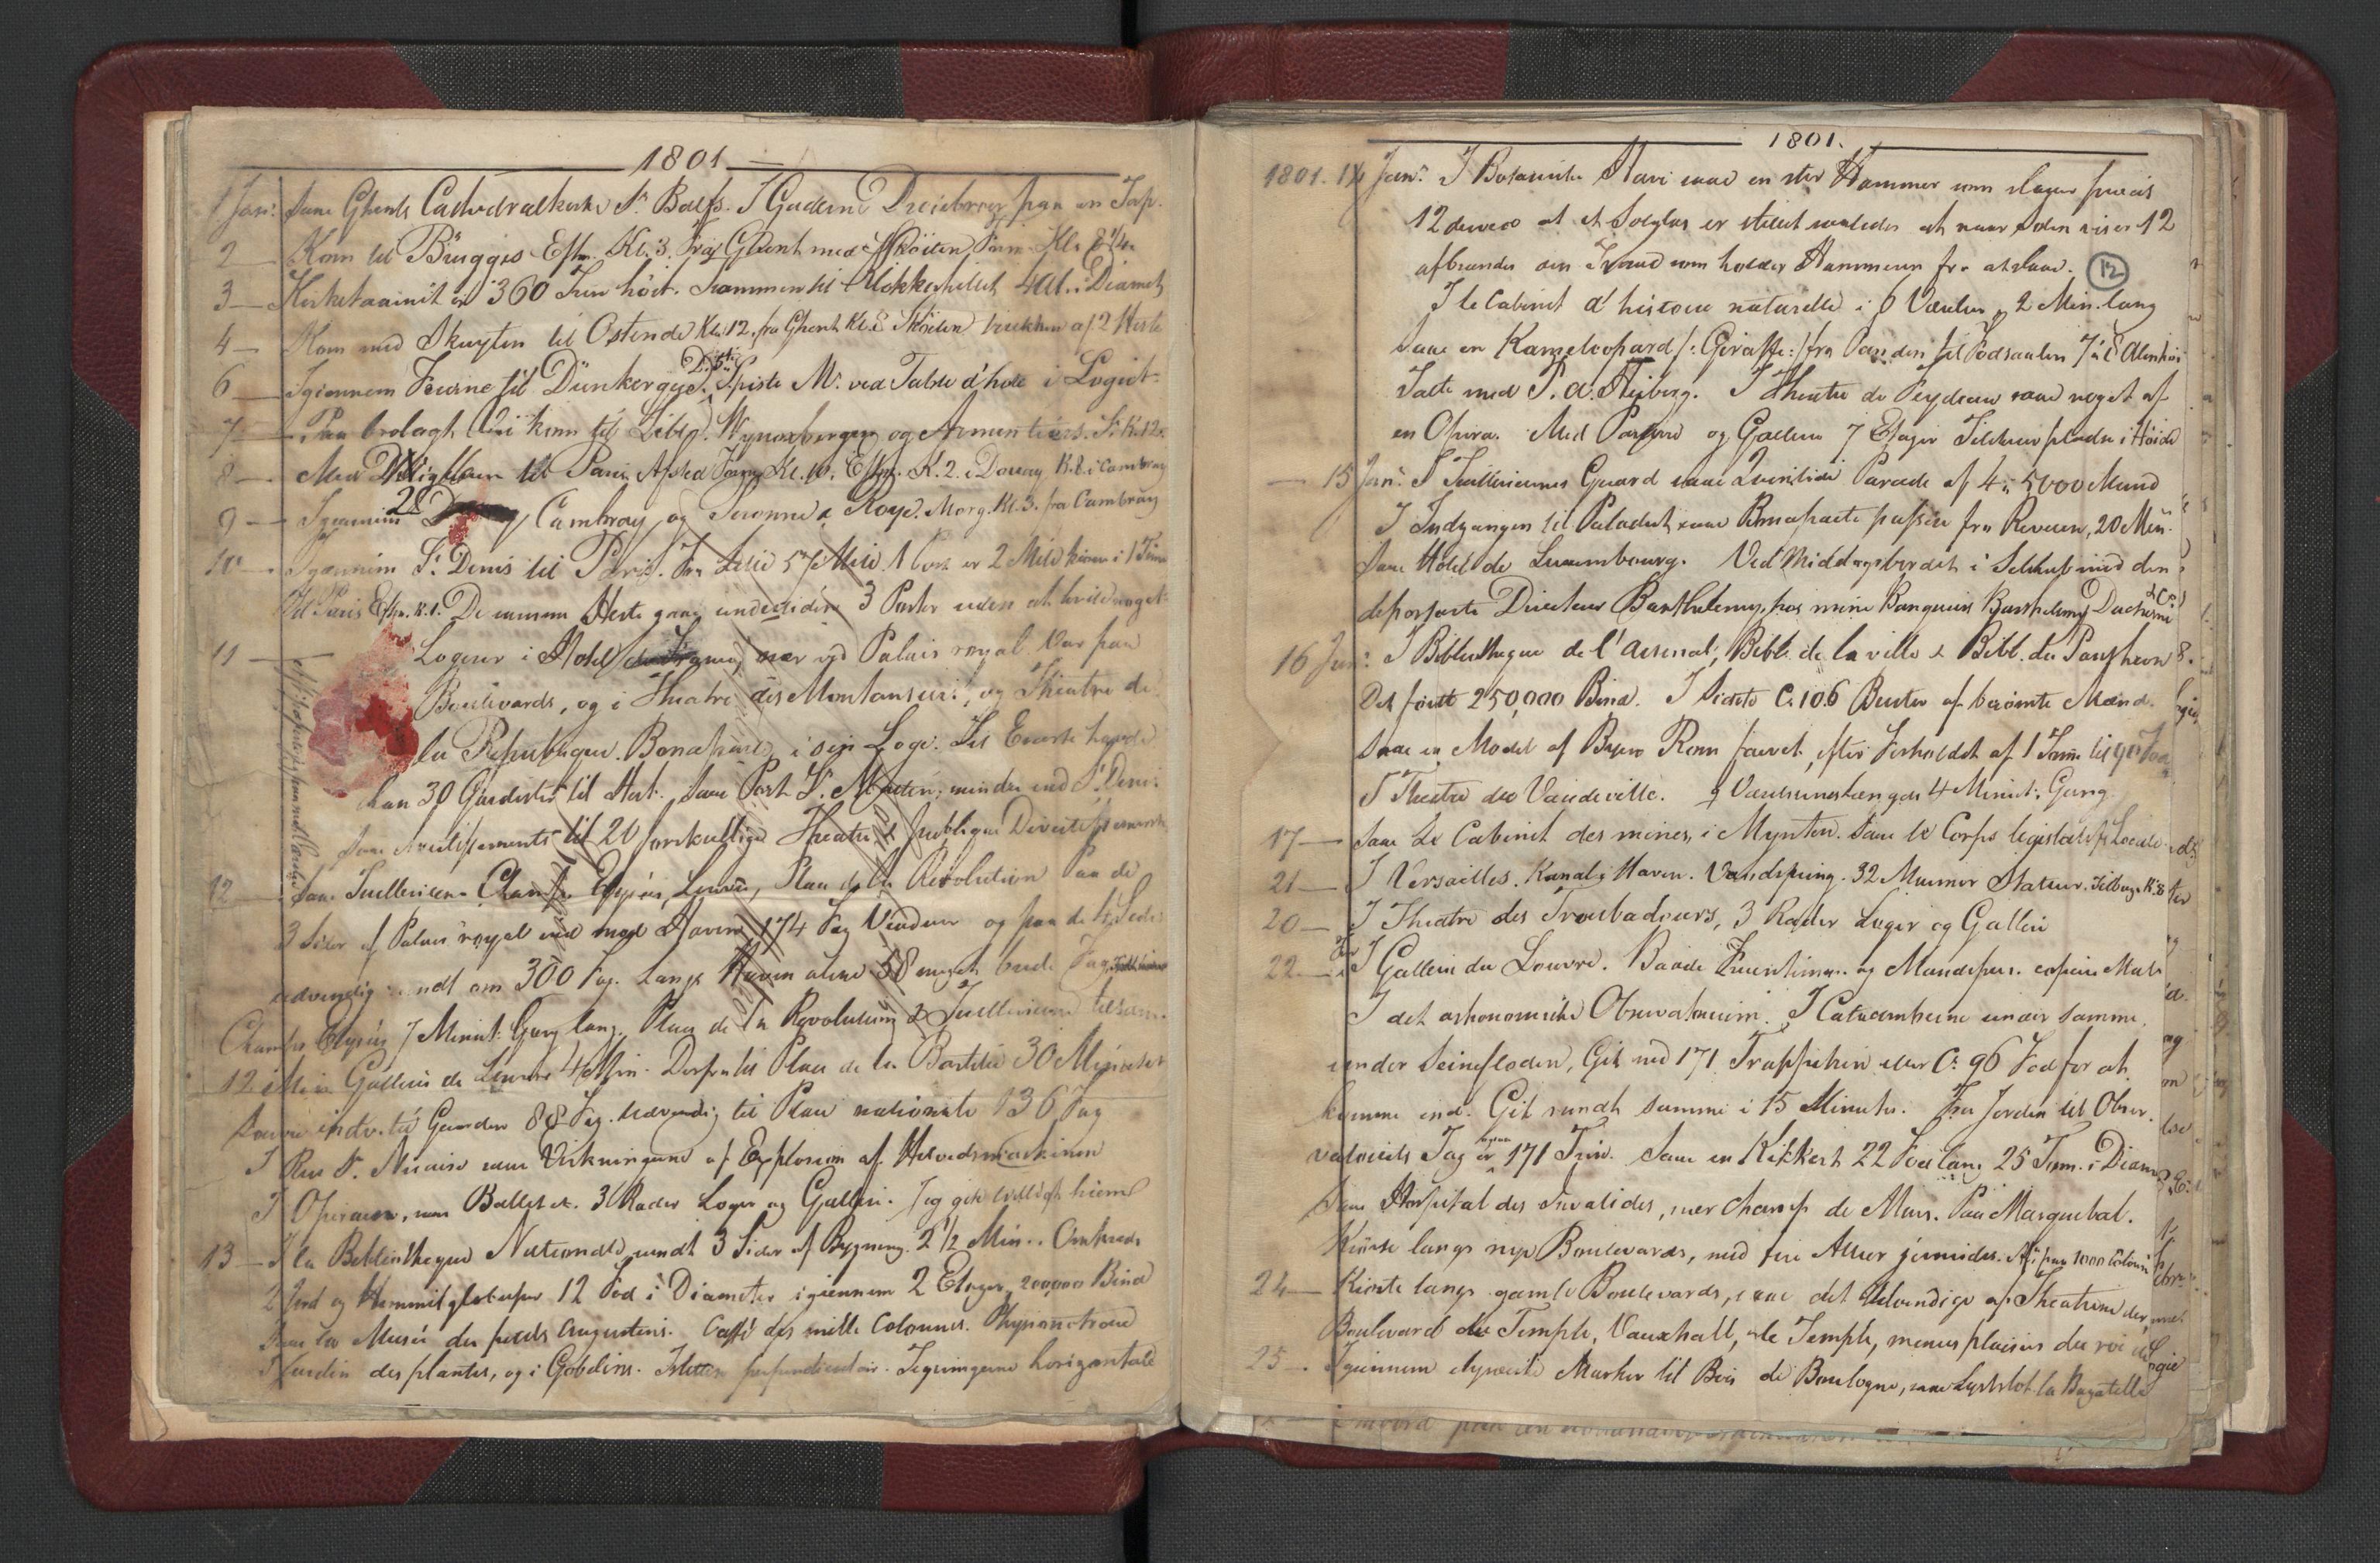 RA, Meltzer, Fredrik, F/L0002: Dagbok, 1796-1808, s. 11b-12a